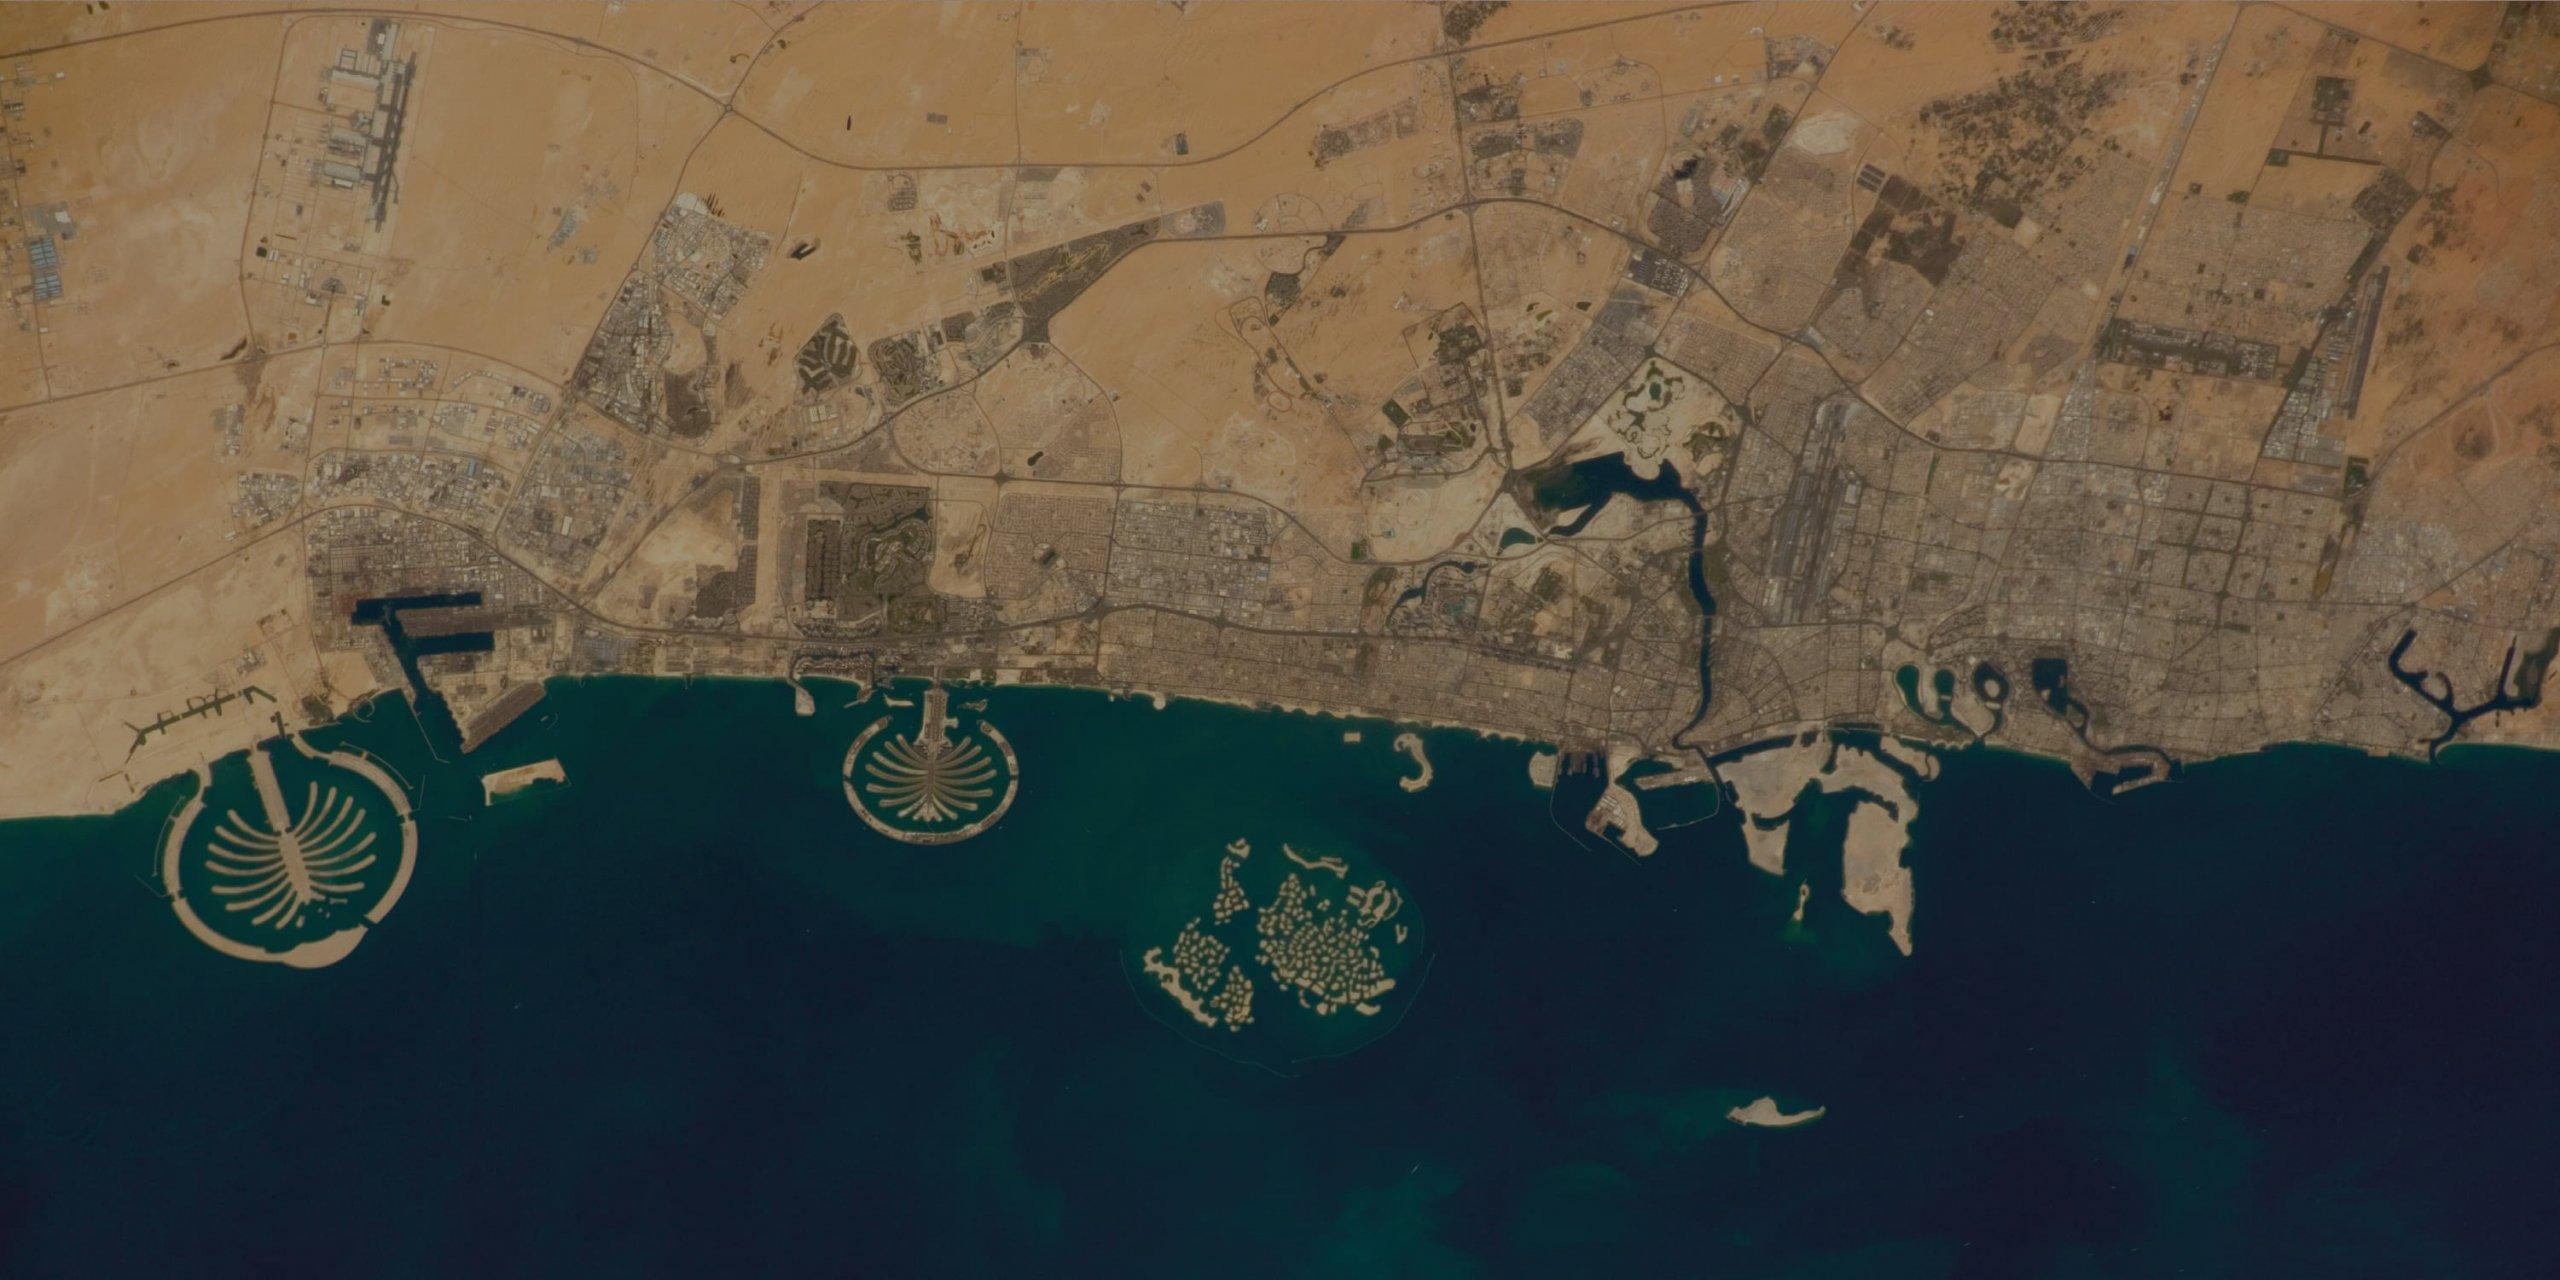 اقتصاديات دول الخليج العربية